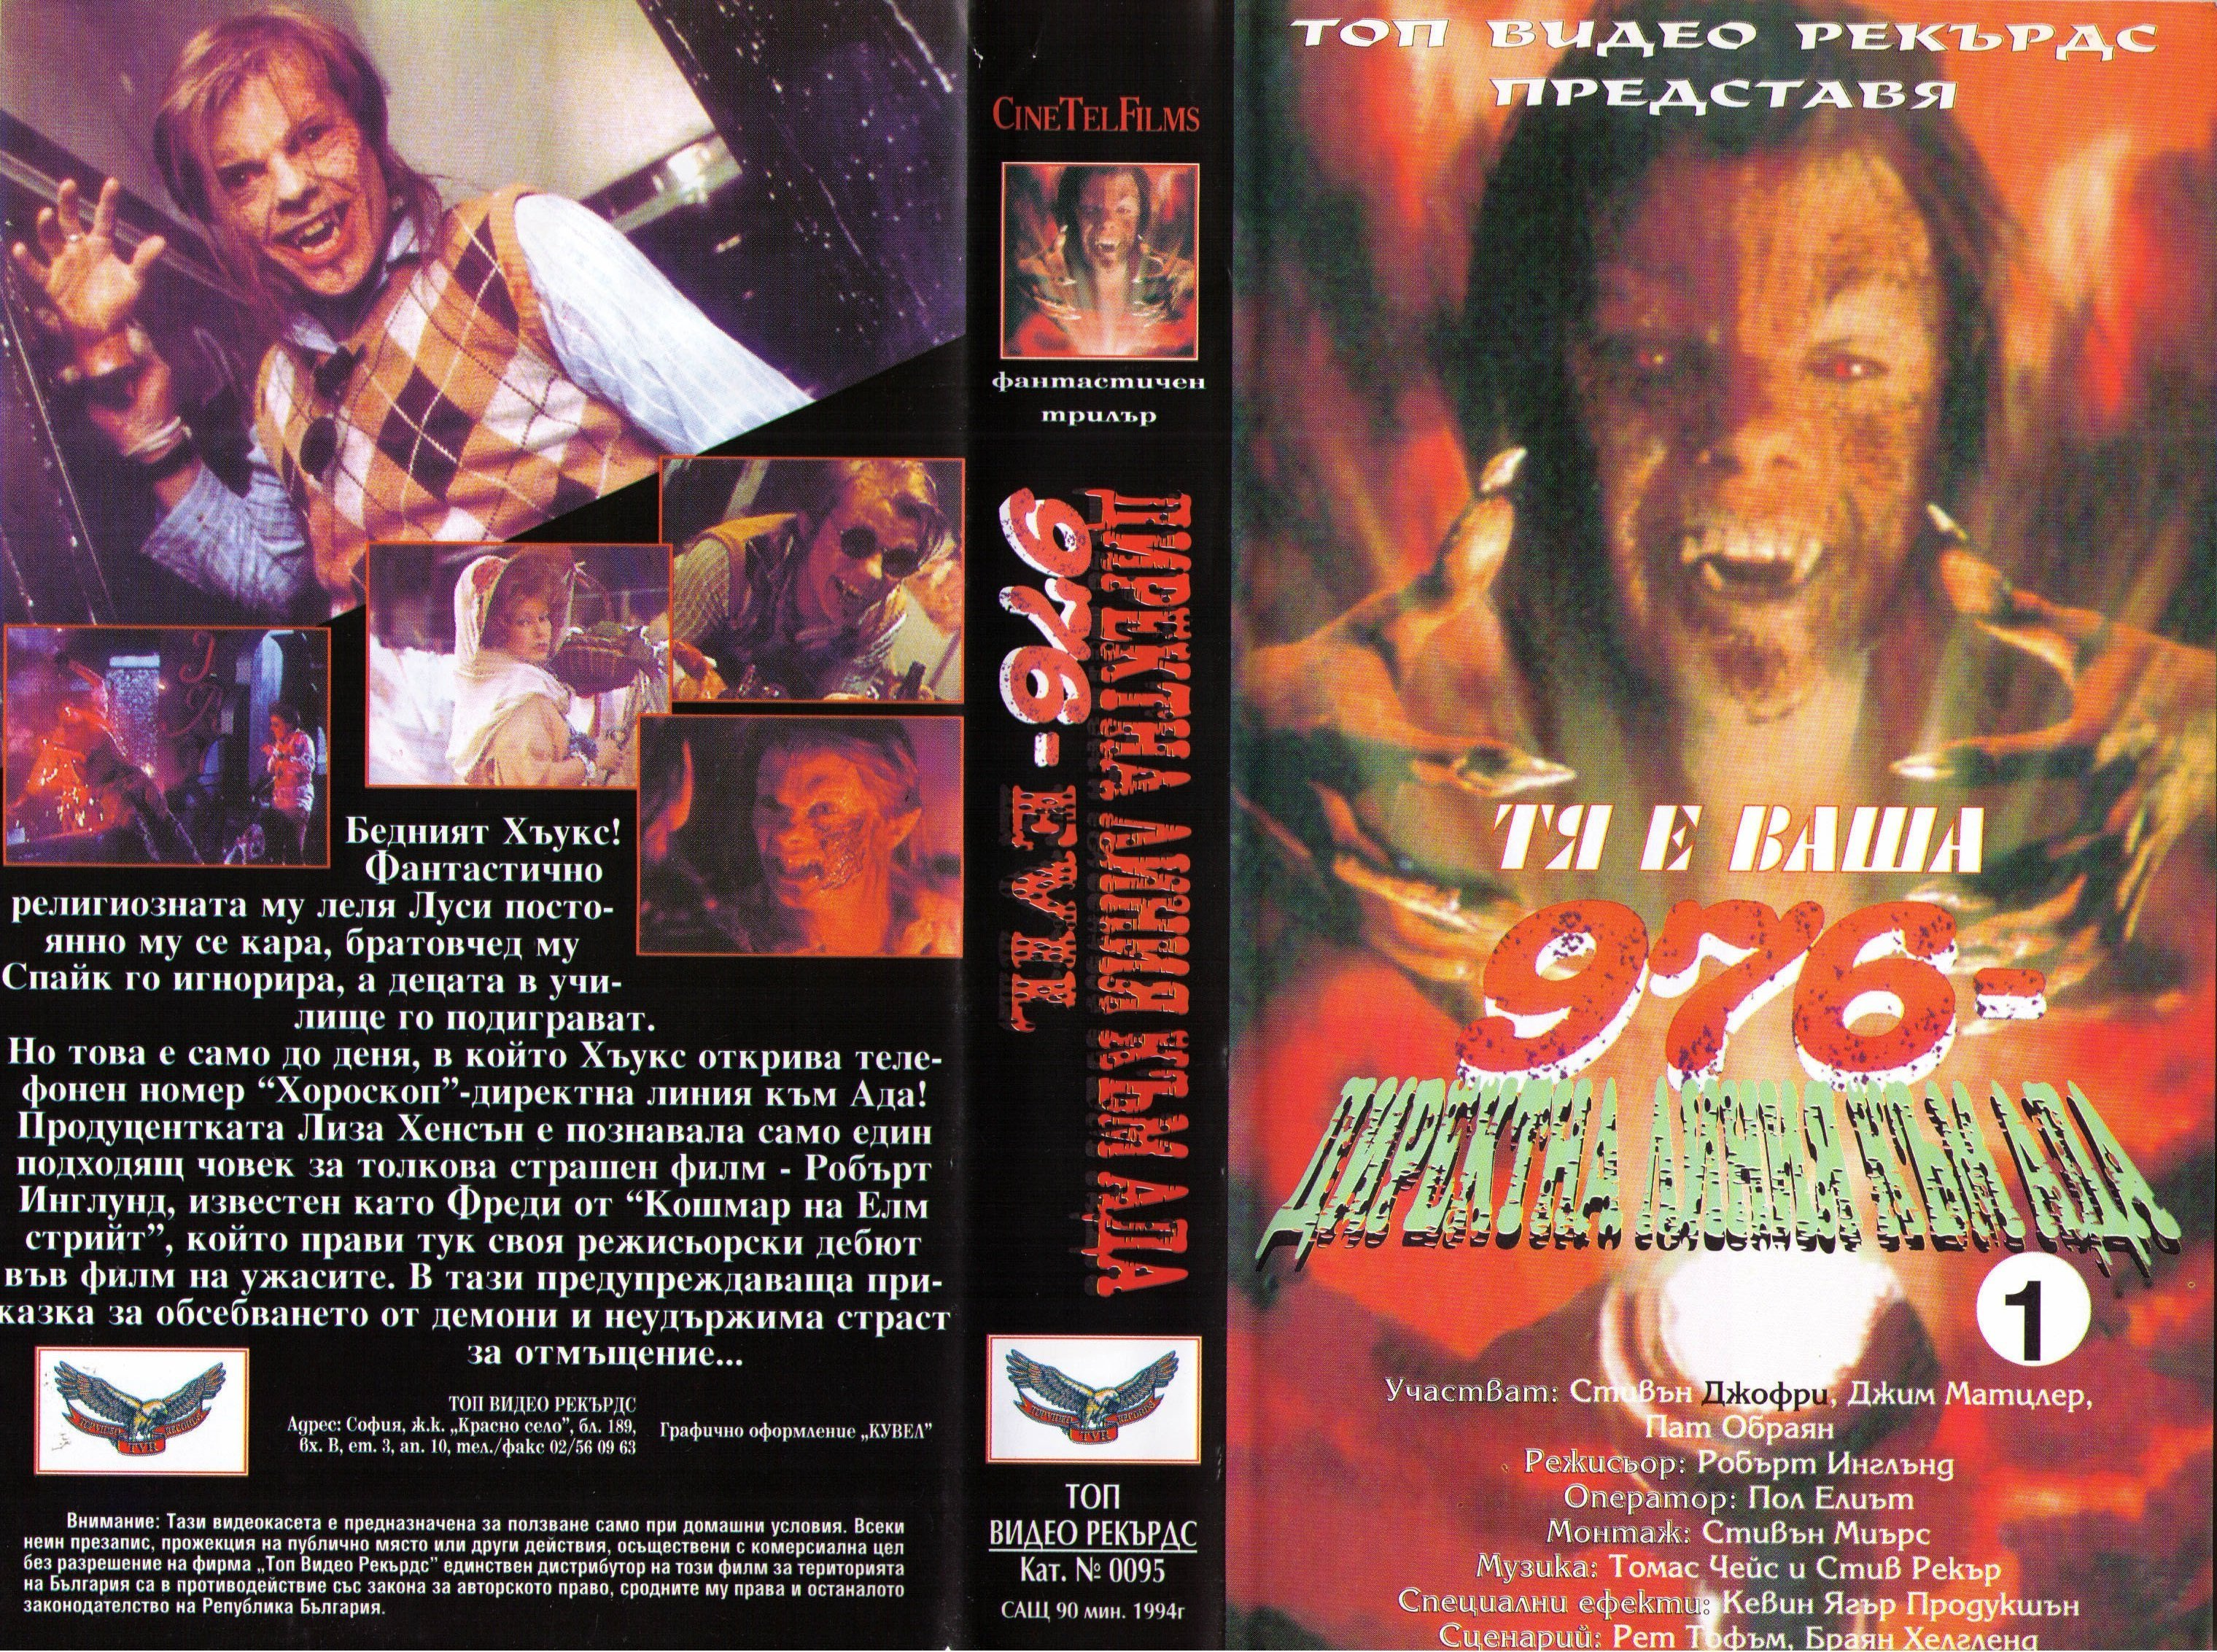 976 - Директна линия към ада филм постер